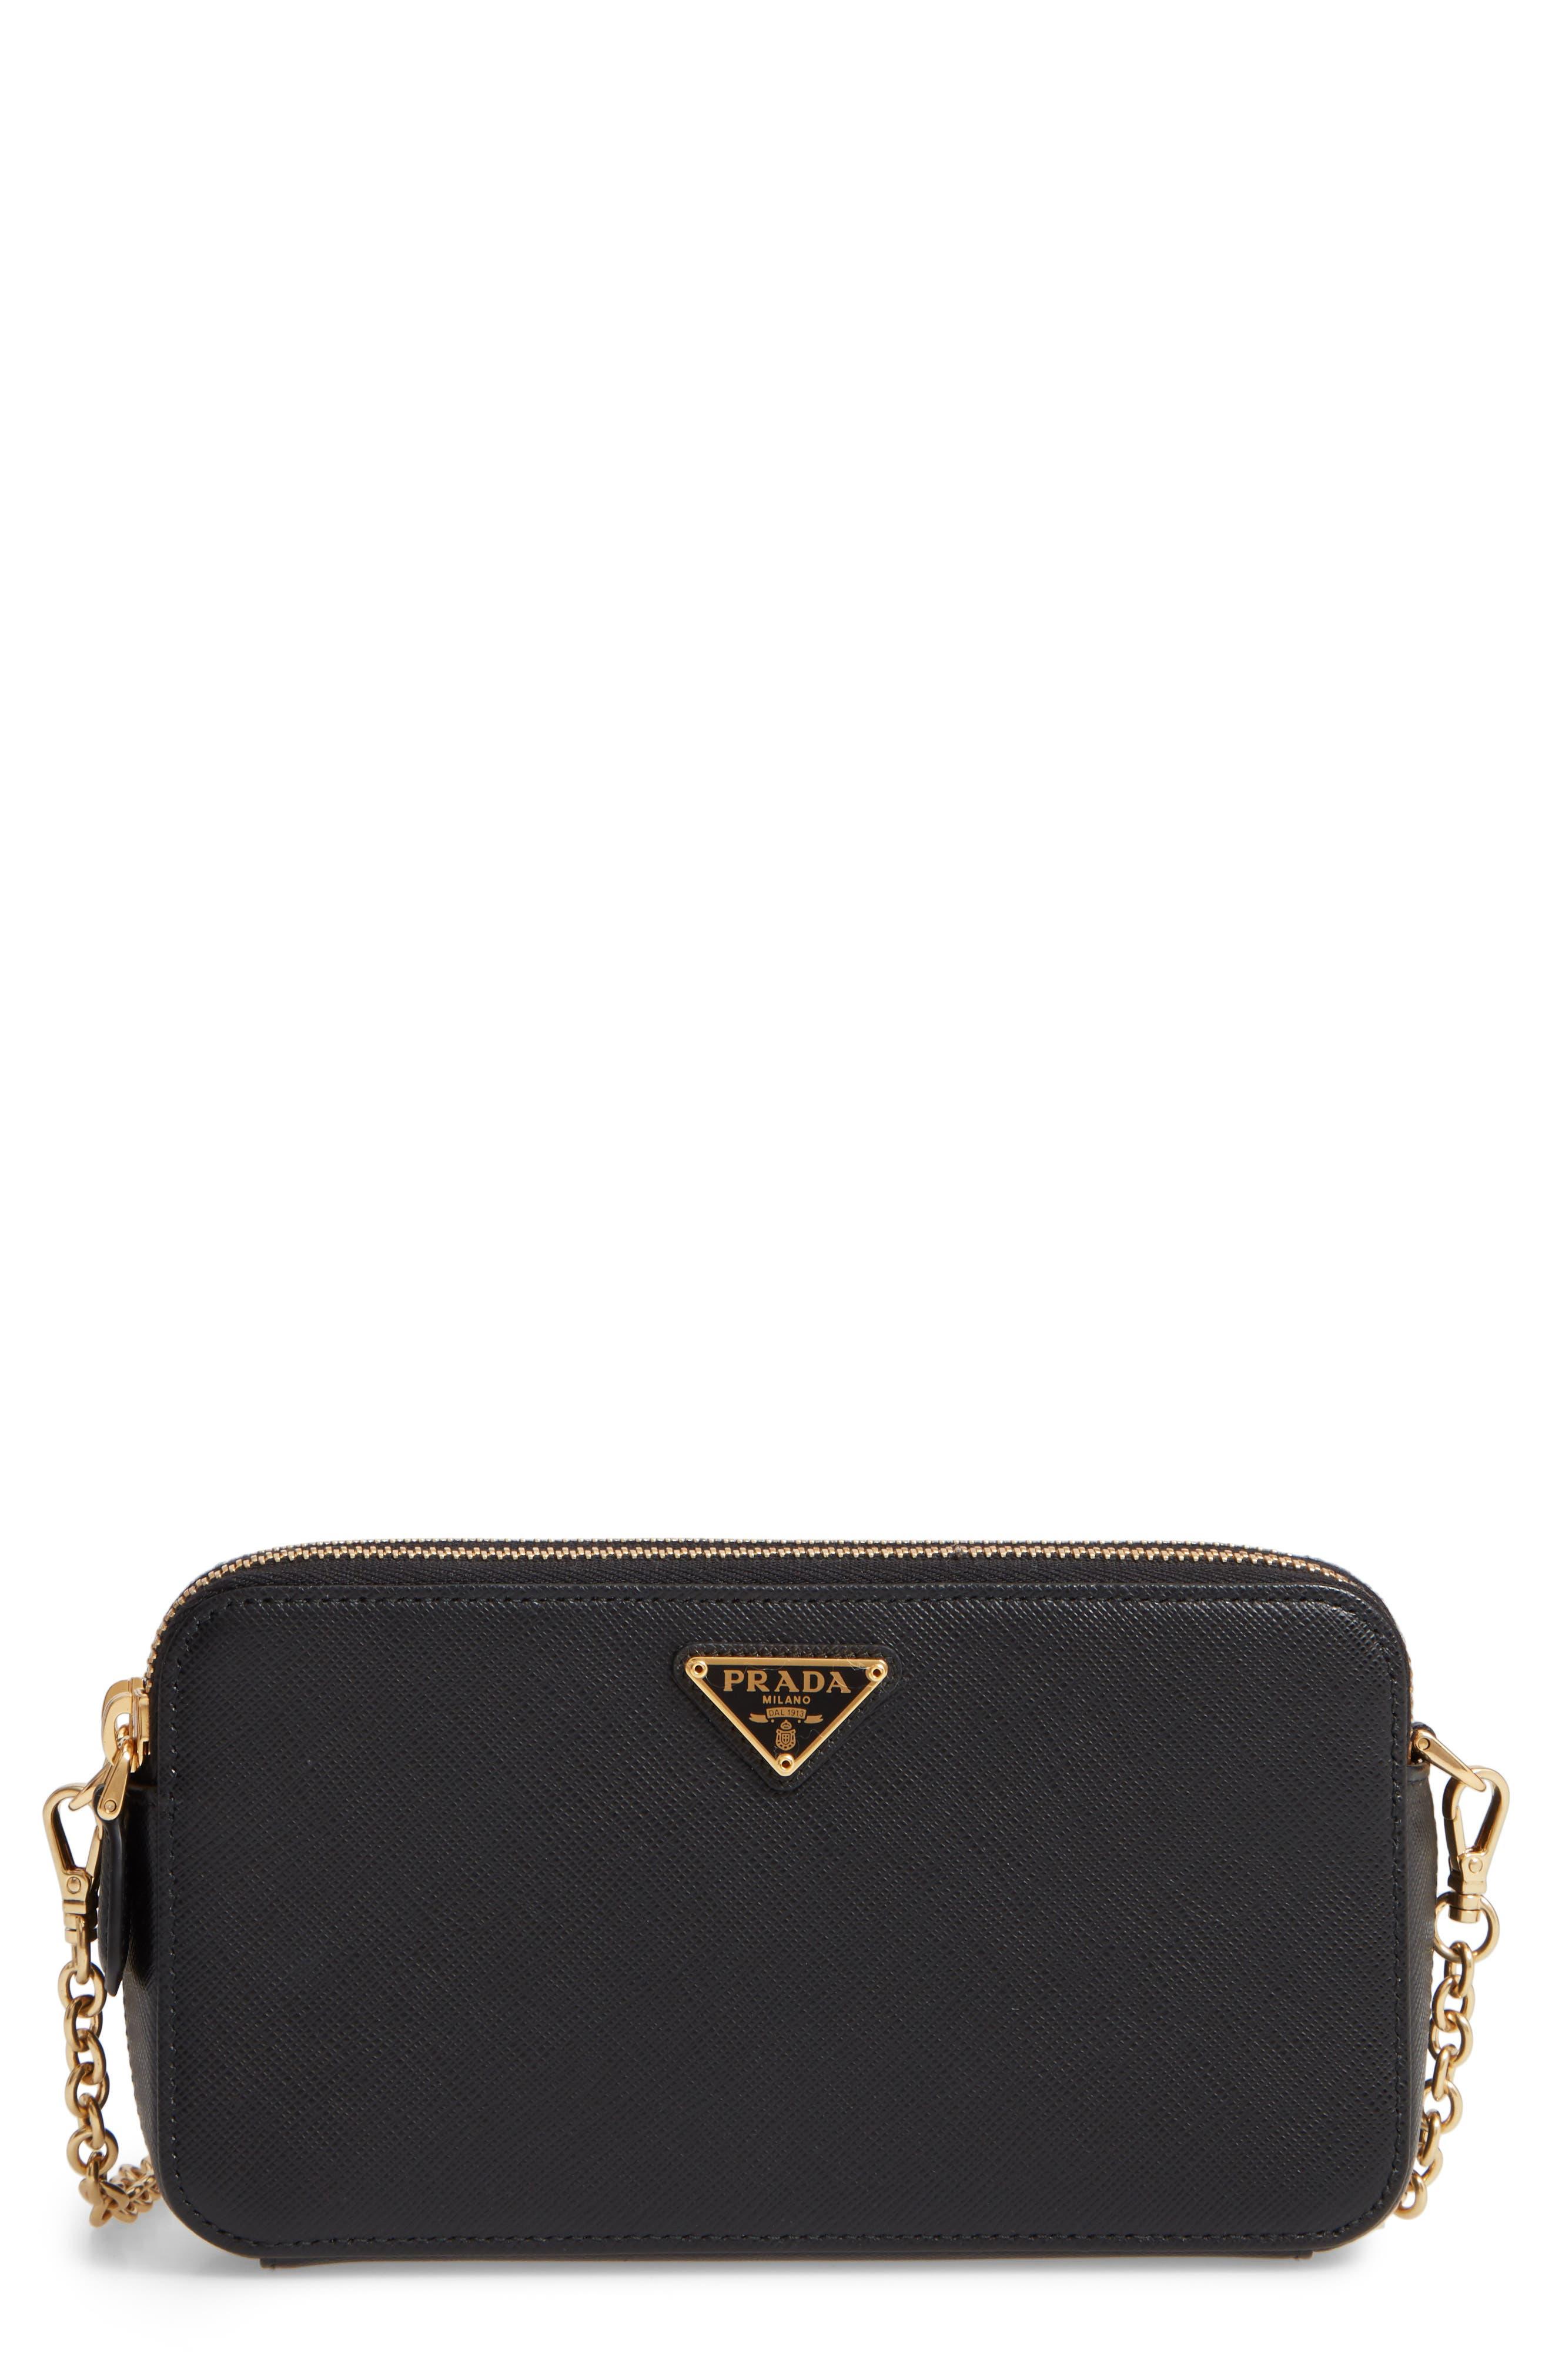 Small Double Compartment Zip Saffiano Leather Crossbody Bag,                         Main,                         color, NERO